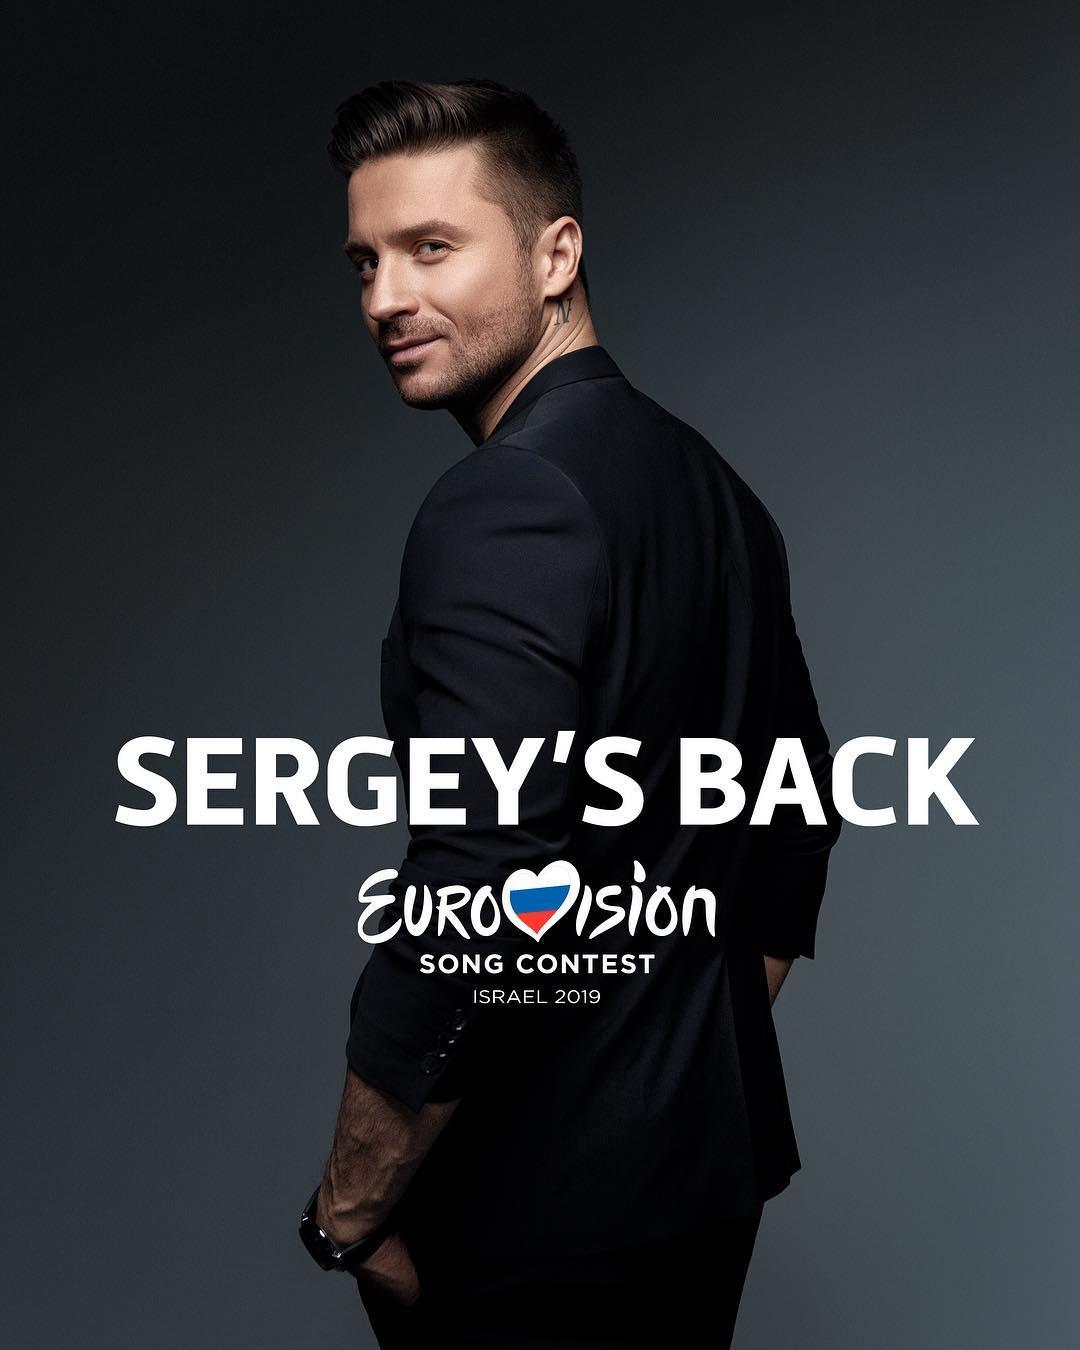 Друге пришестя: Сергій Лазарєв знову представить Росію на Євробаченні